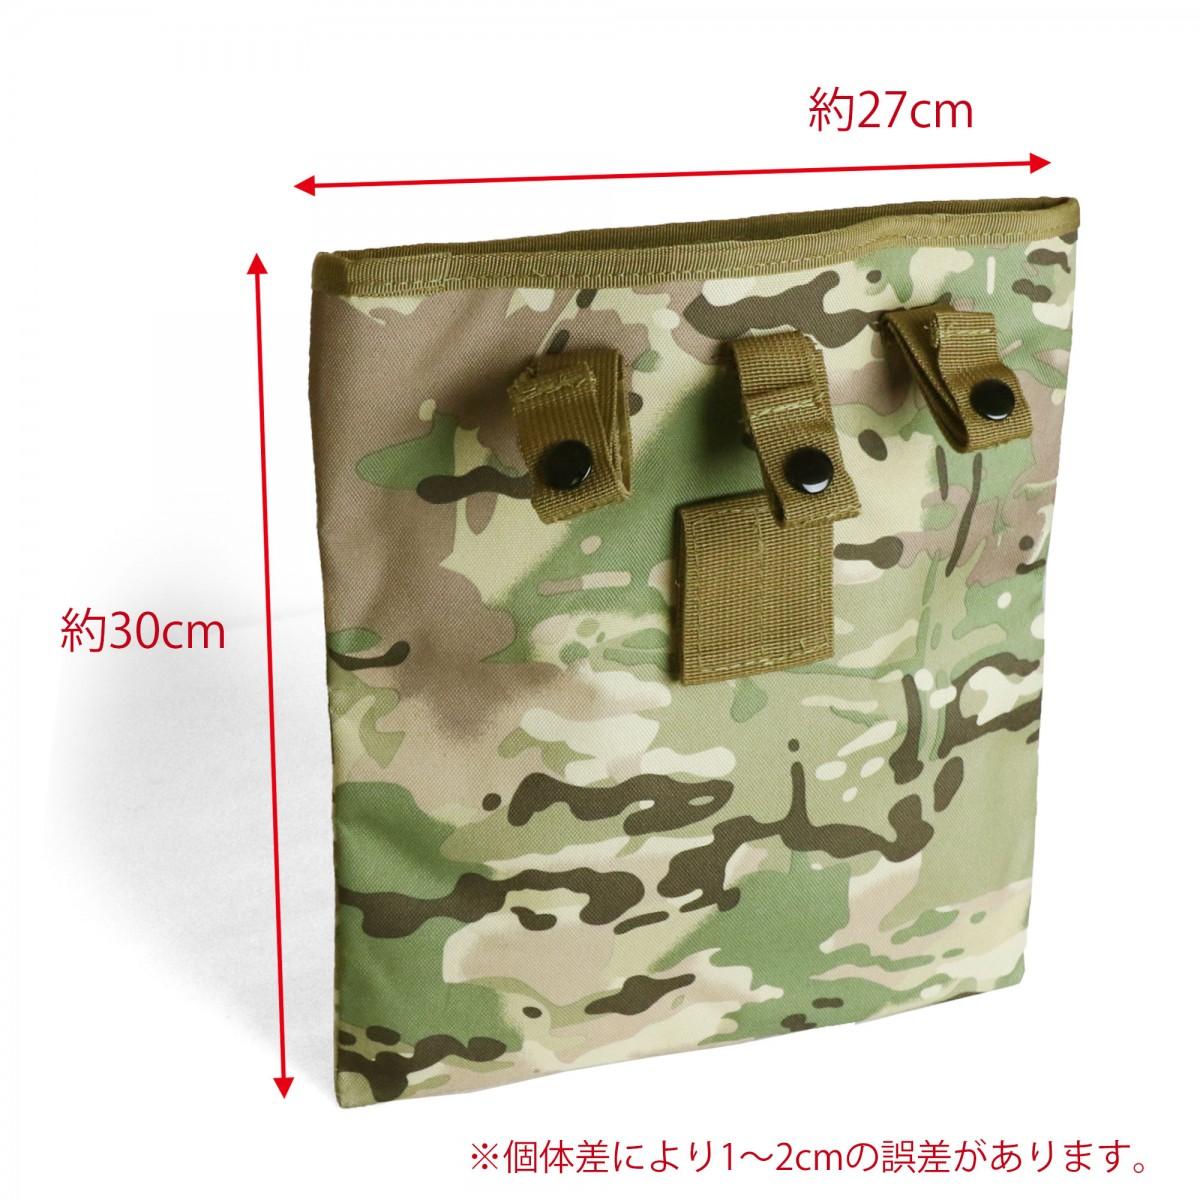 ドロップマガジンダンプポーチ  高強度ナイロン使用 10色(BK/OD/TAN/ACU/MC/FG/AU/KMD/KHI/KTY)